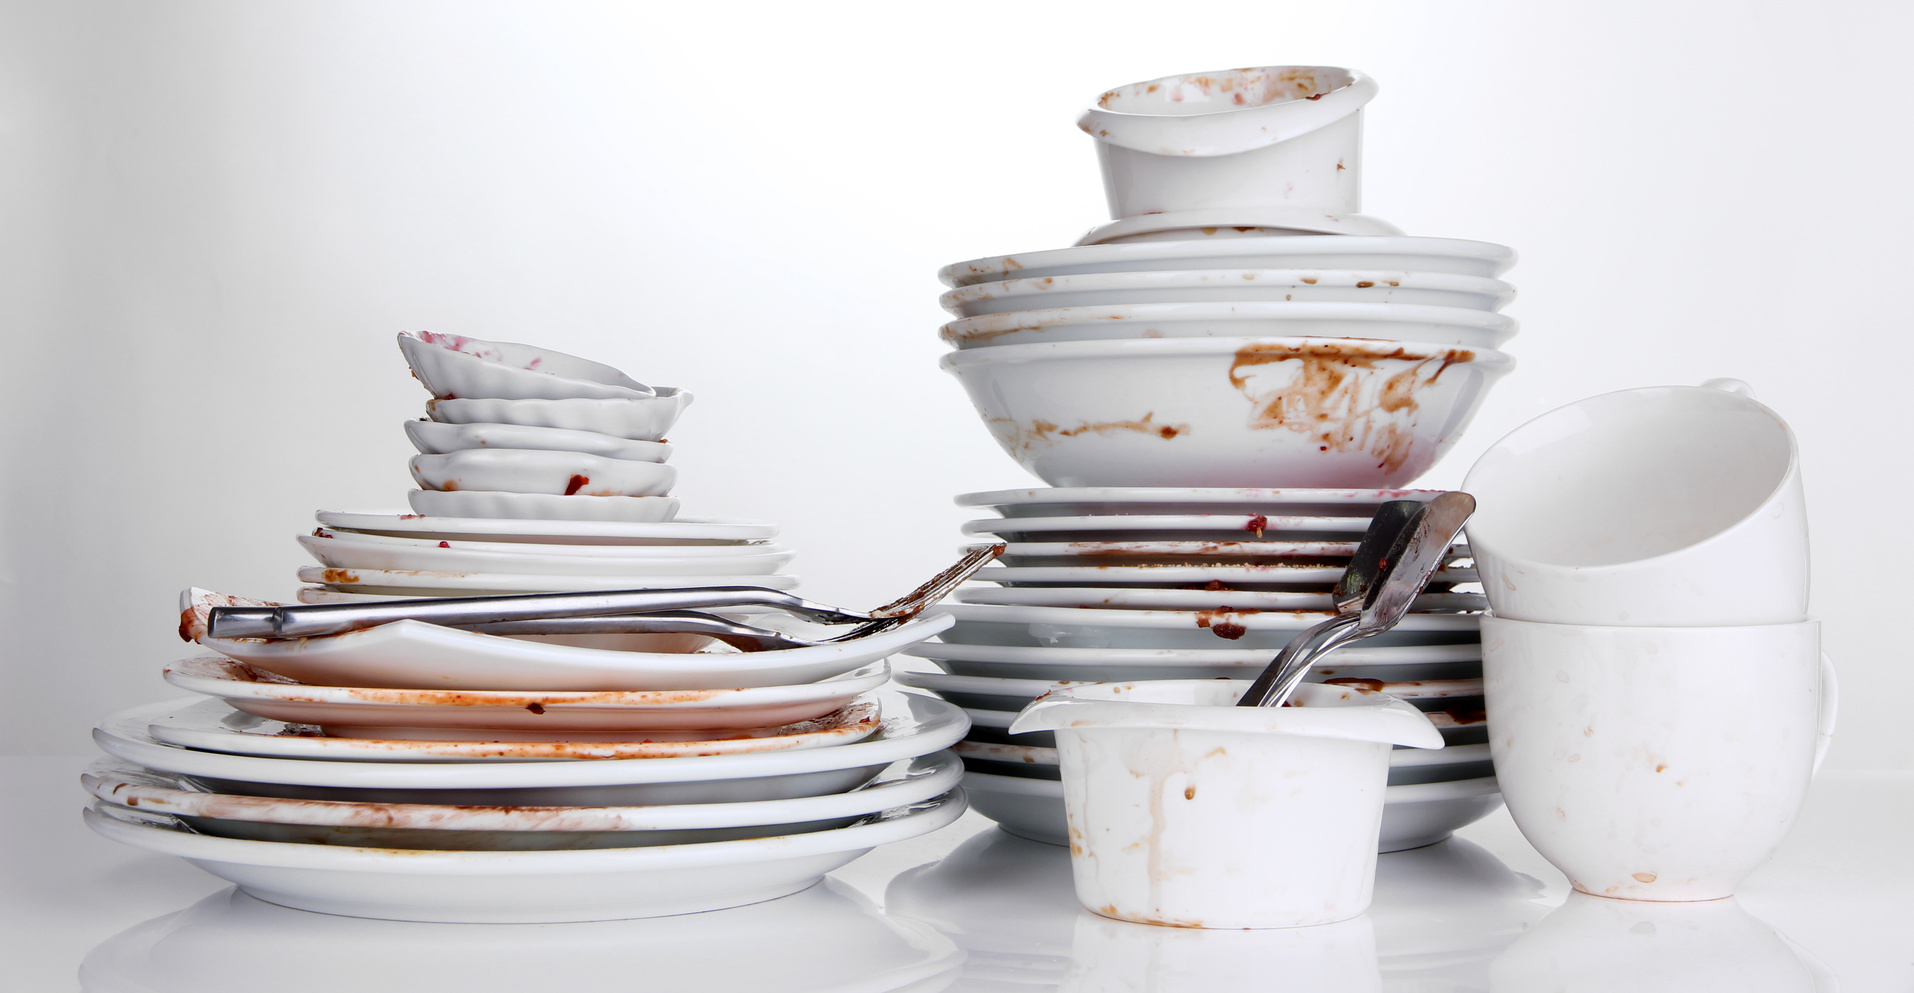 Tres usos del jab n para lavar tus platos sin detergente - Lavar sin detergente ...